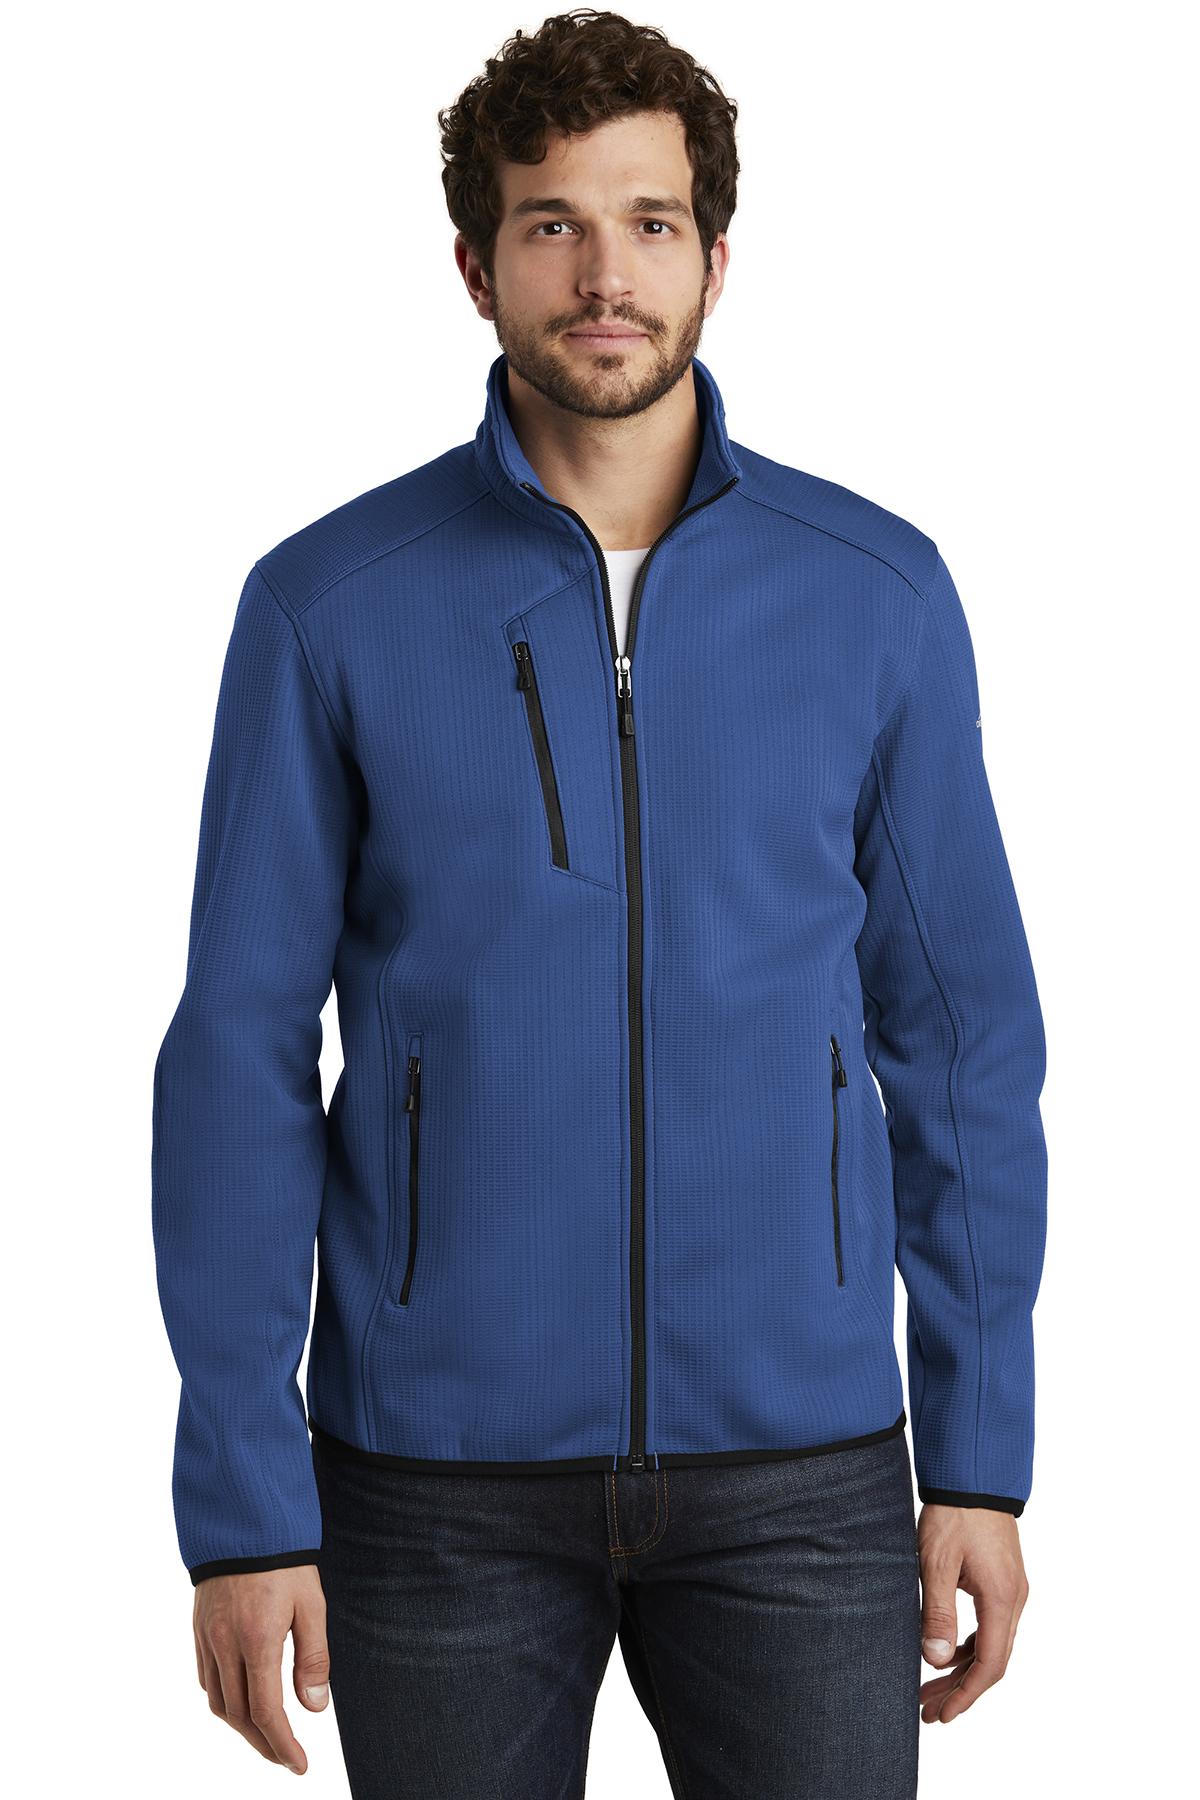 eec8a8897cc Eddie Bauer ® Dash Full-Zip Fleece Jacket